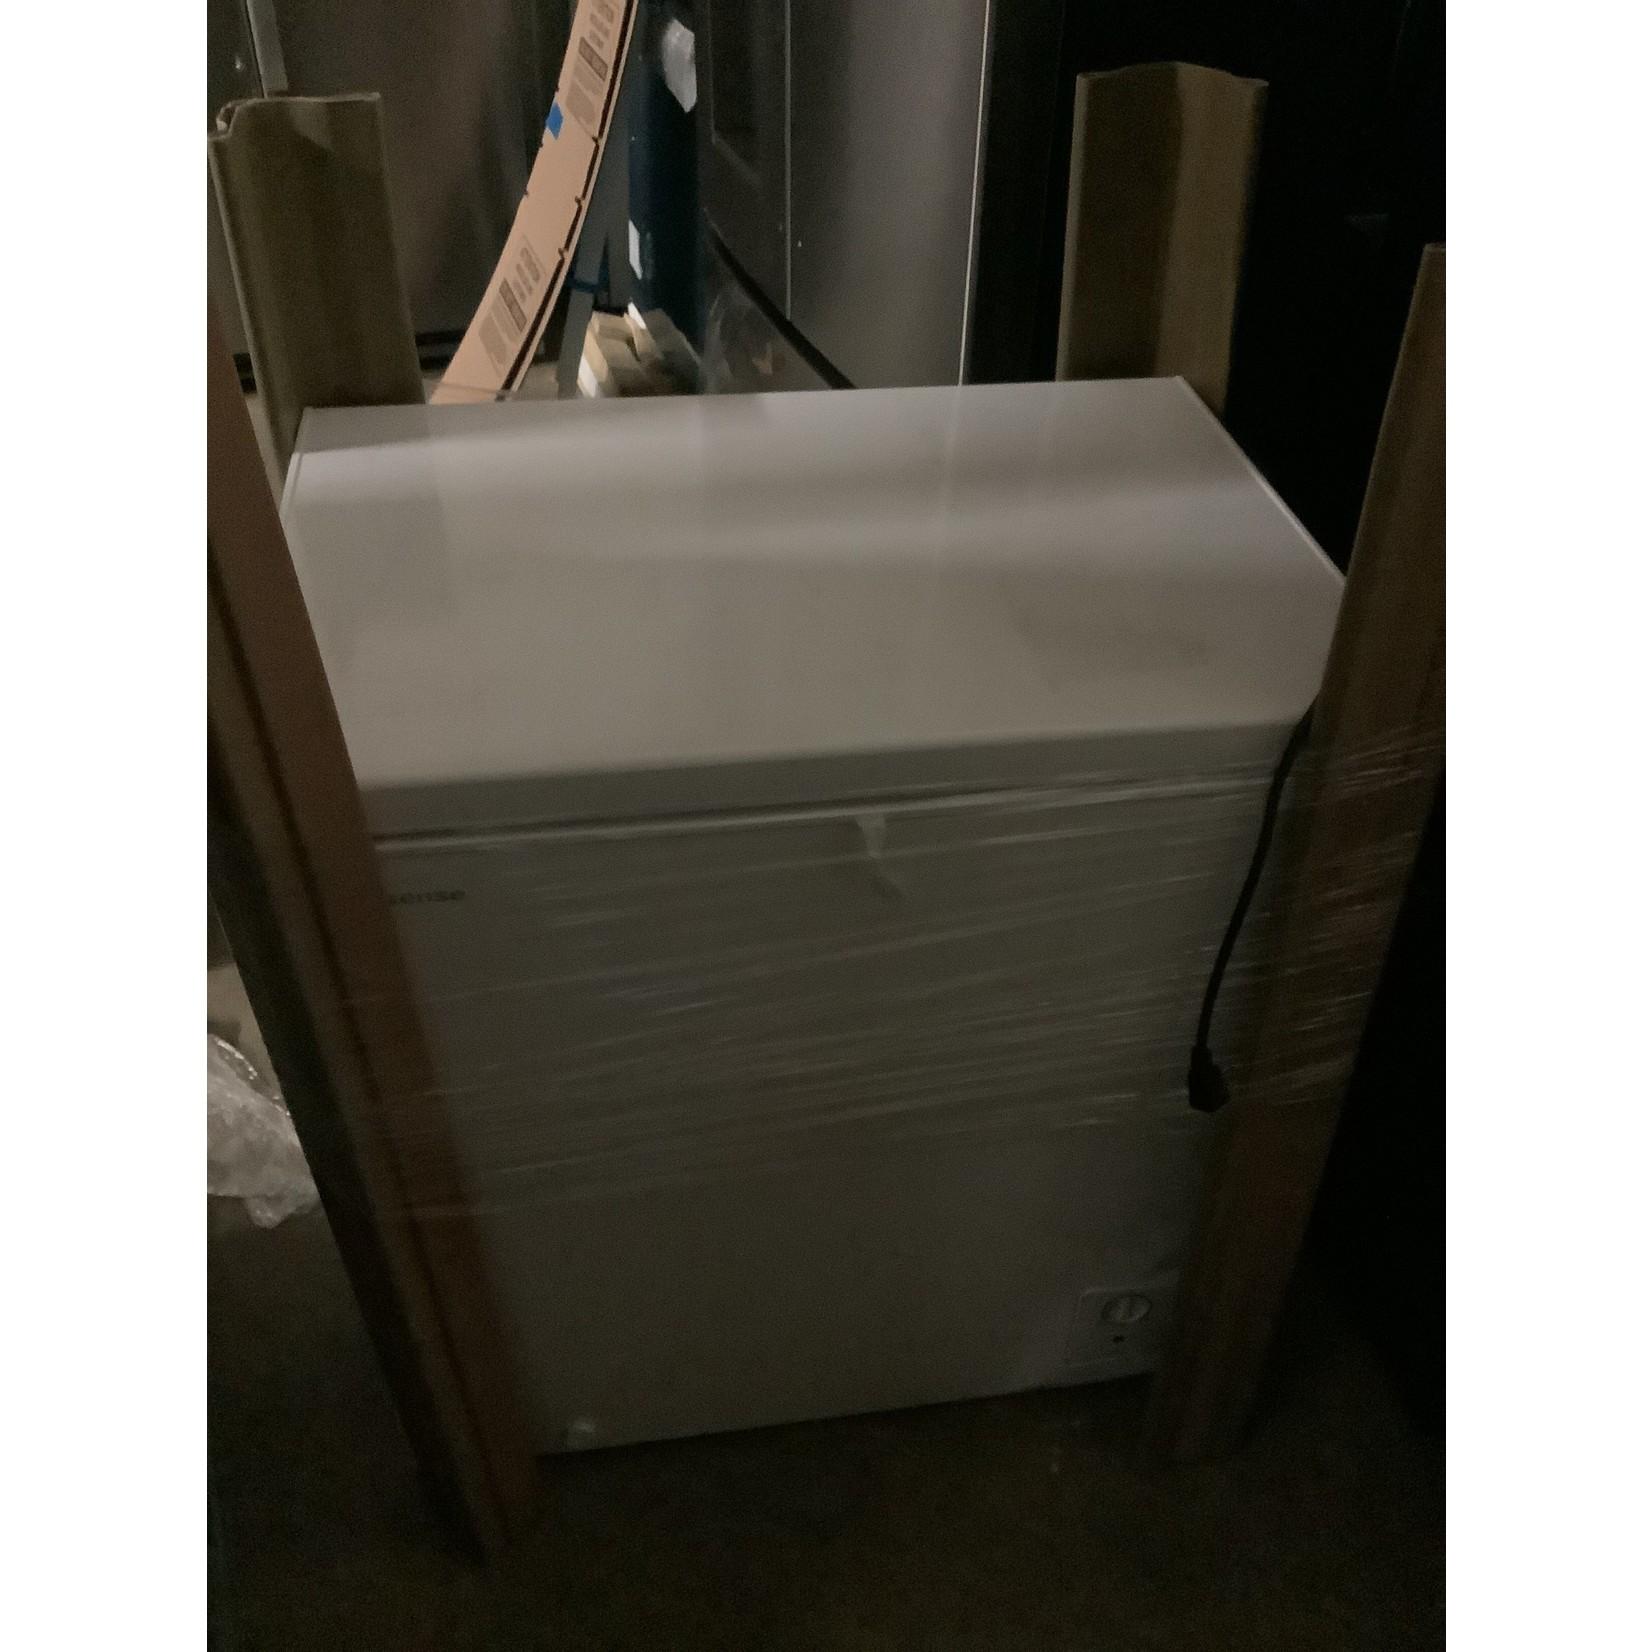 HISENSE Hisense chest freezer